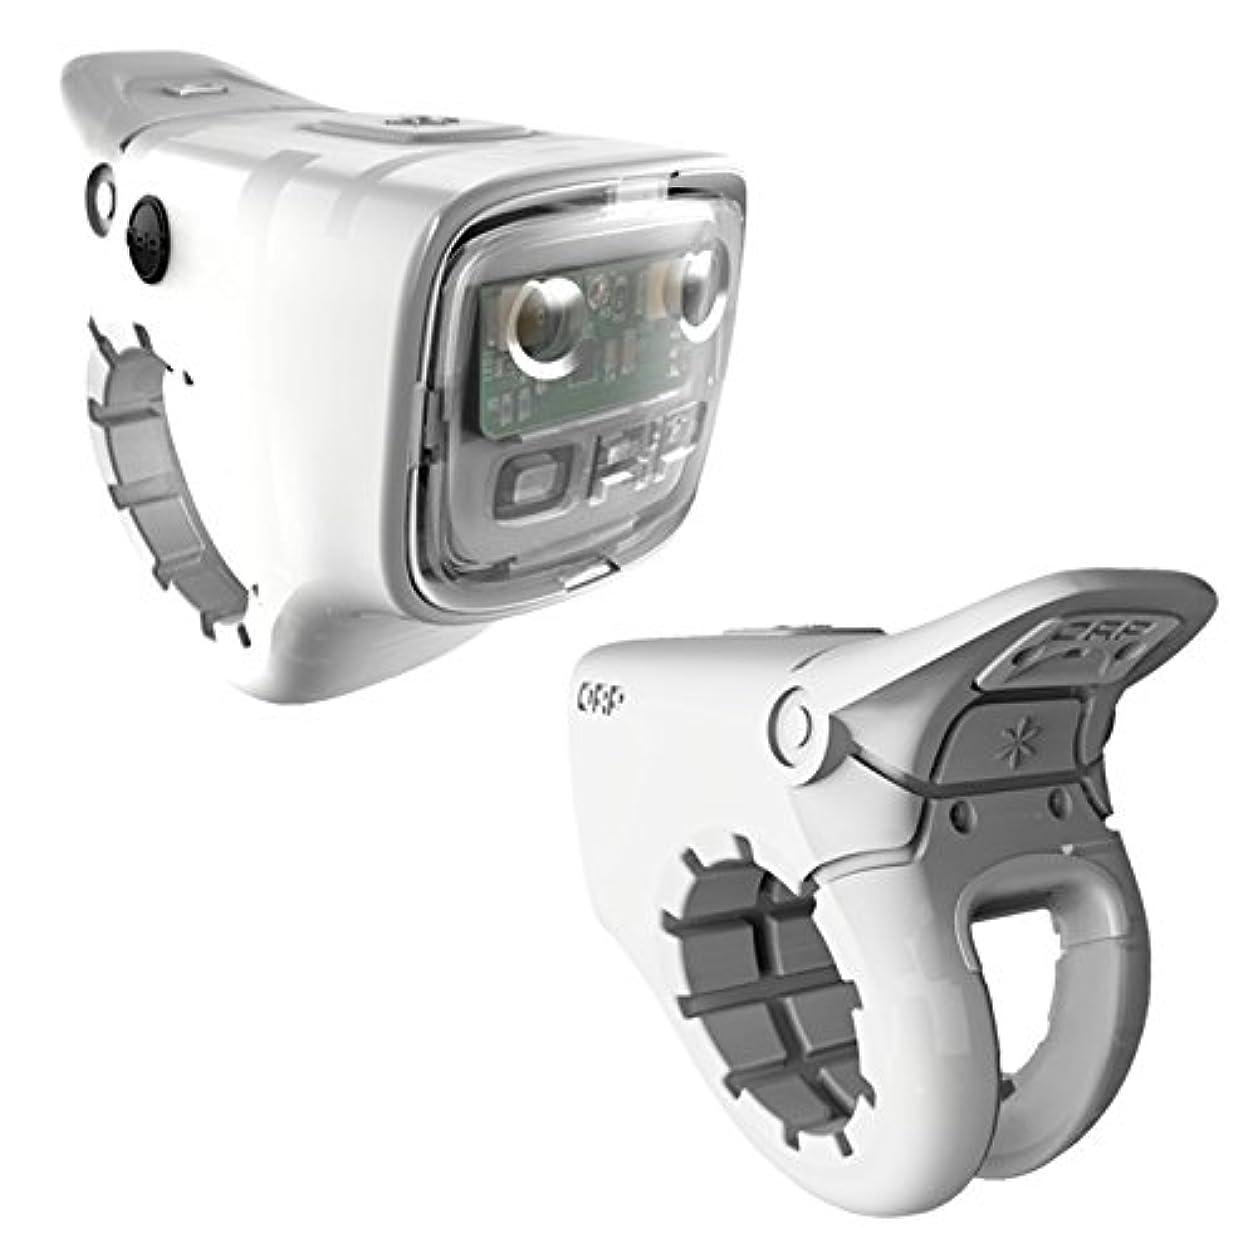 原子出版余韻ORP(オープ) SMART HORN(スマートホーン) ホワイト 世界初! 一体型LEDライト&ホーン USB充電タイプ Frostbyte White ORP 001-FW